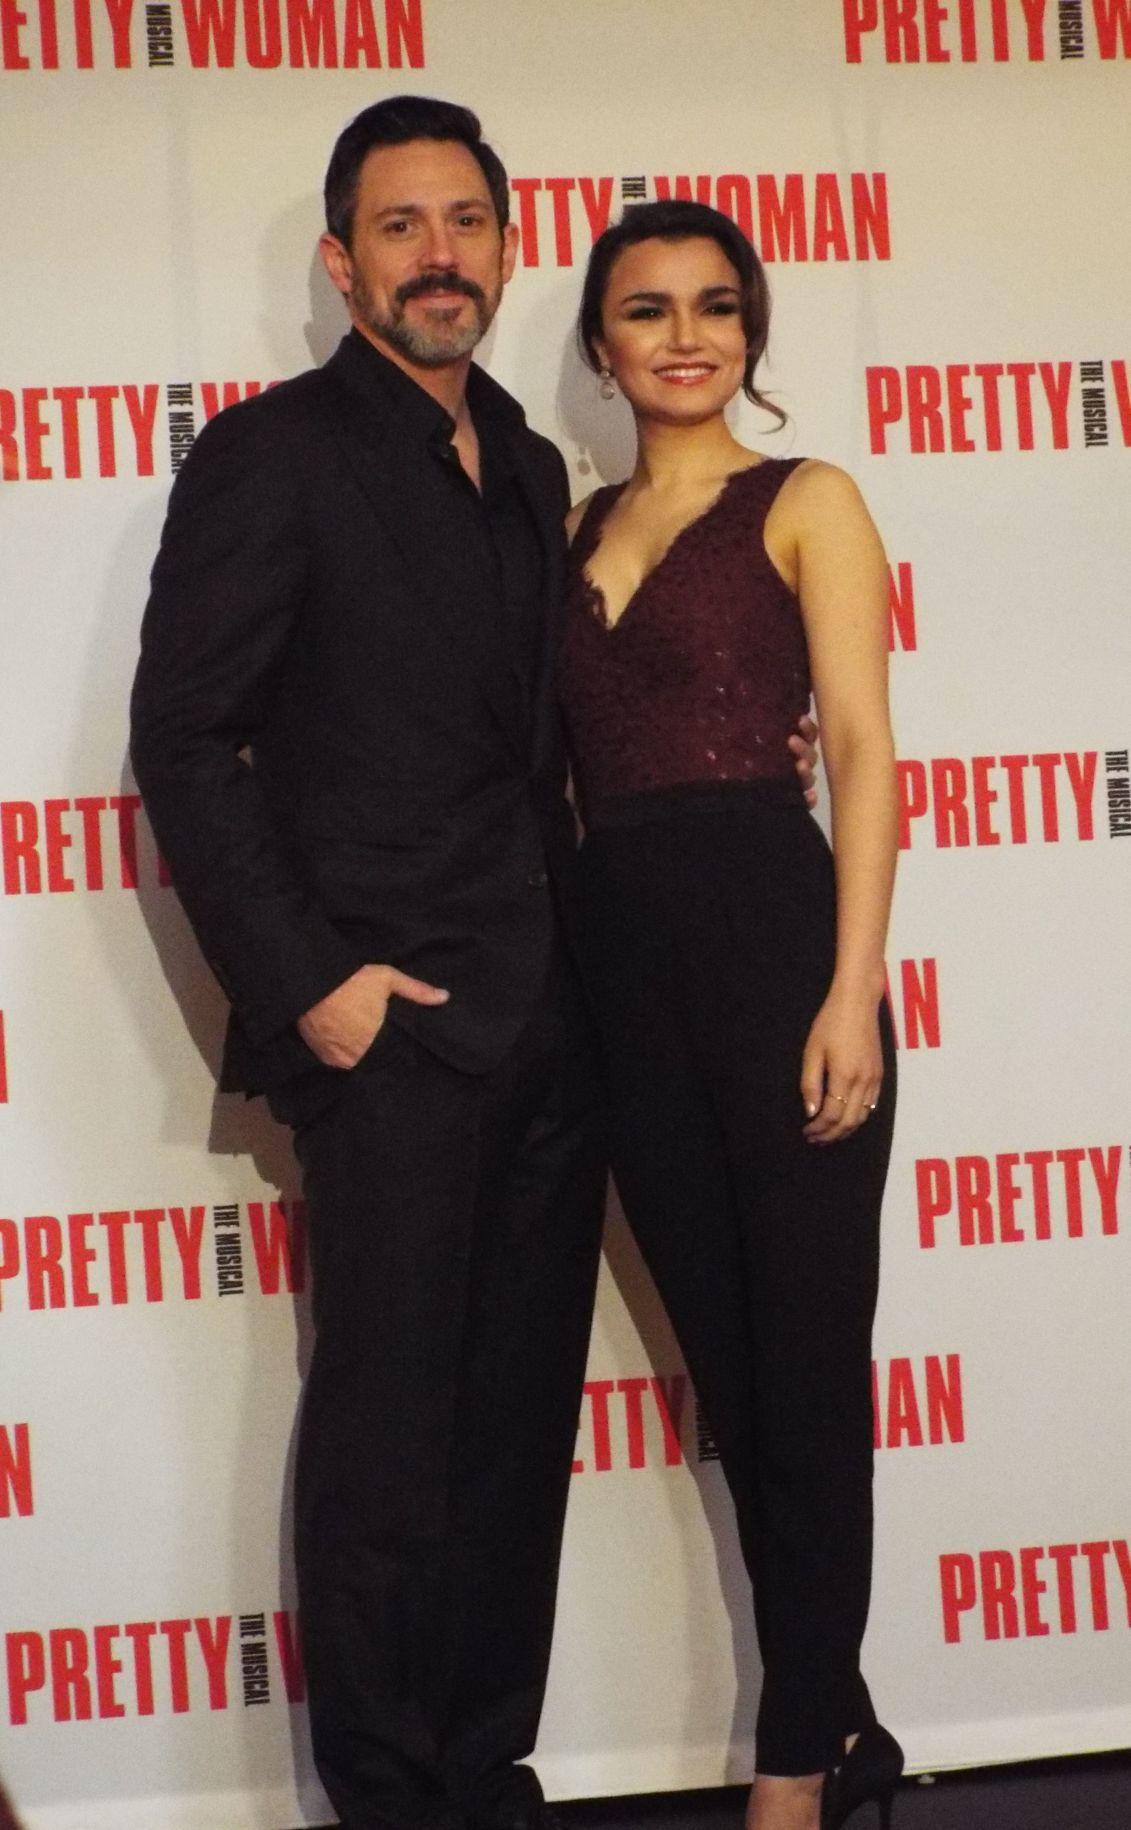 Pretty Woman actors